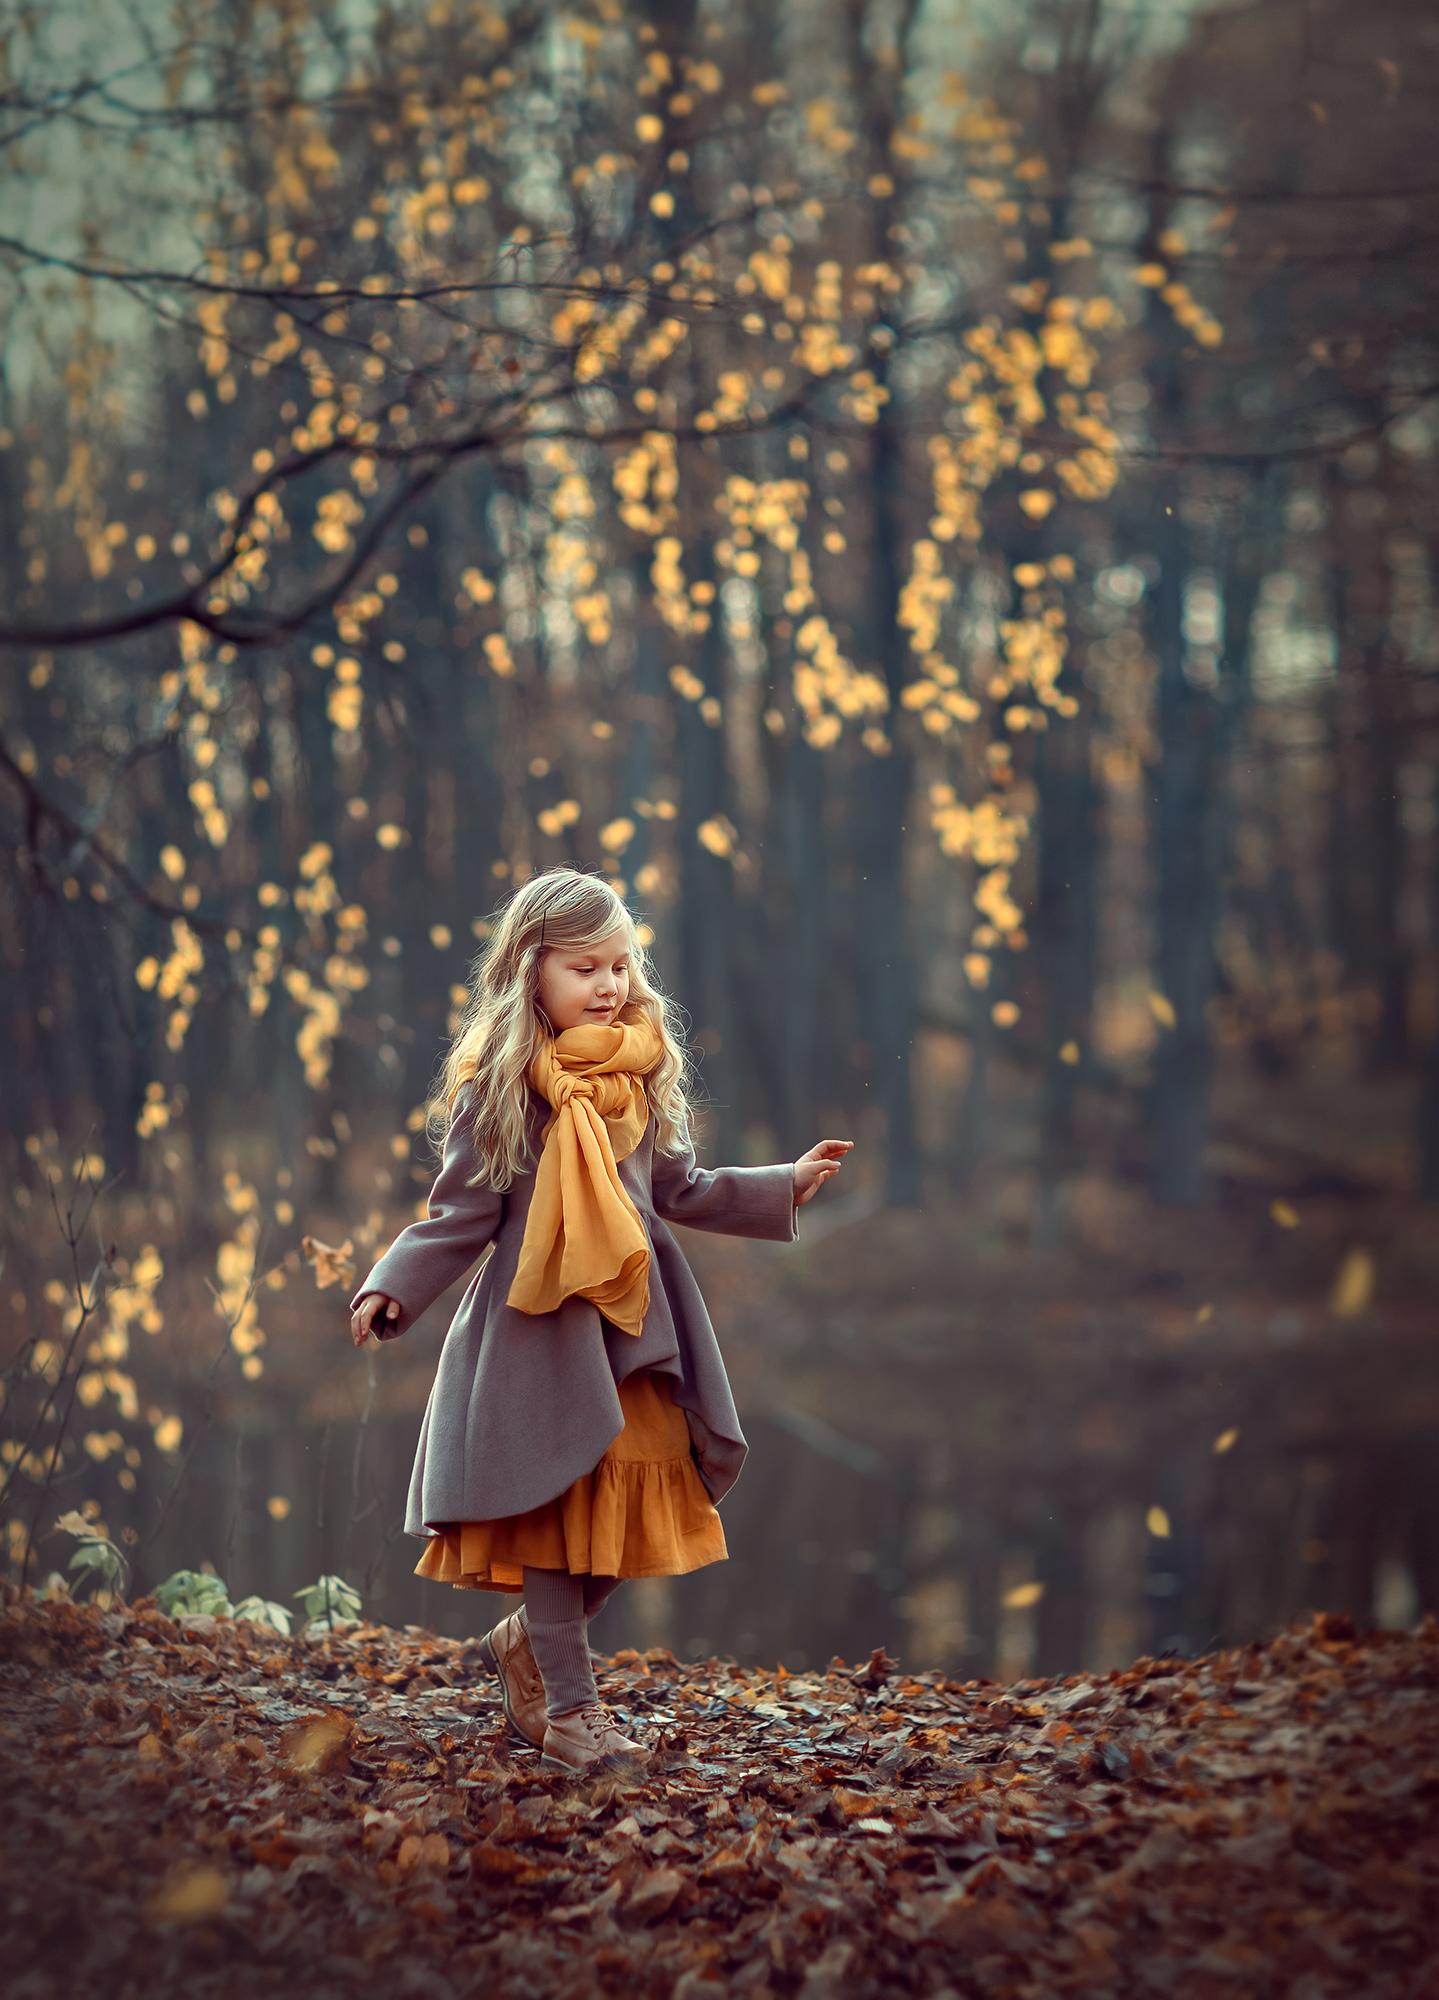 осенняя фотосессия для девочки в парке